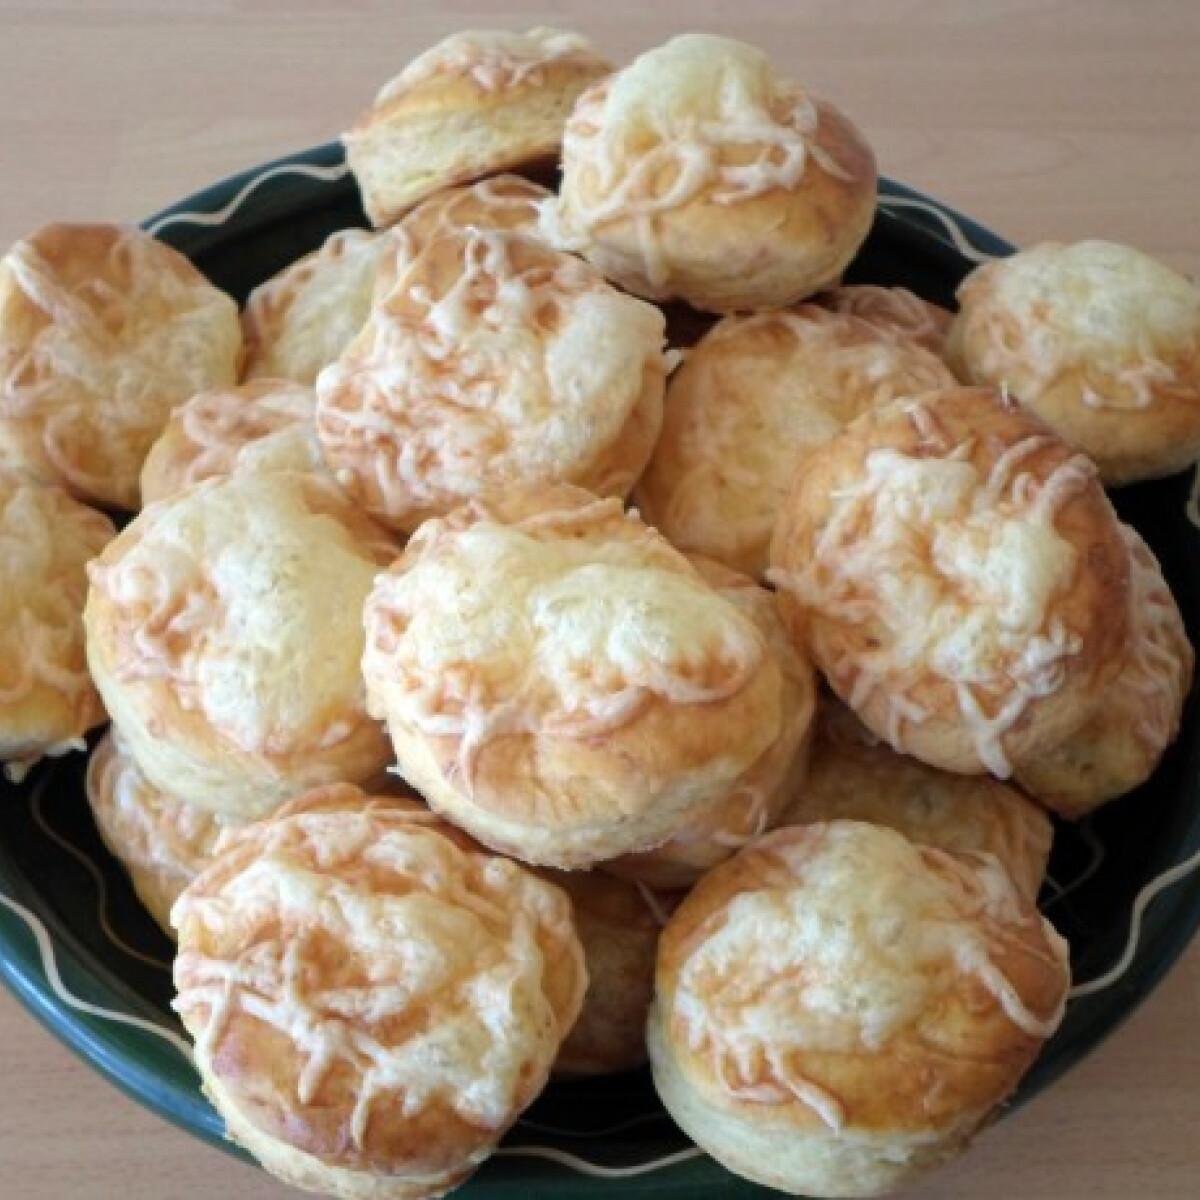 Tejfölös-sajtos pogácsa Csilla konyhájából